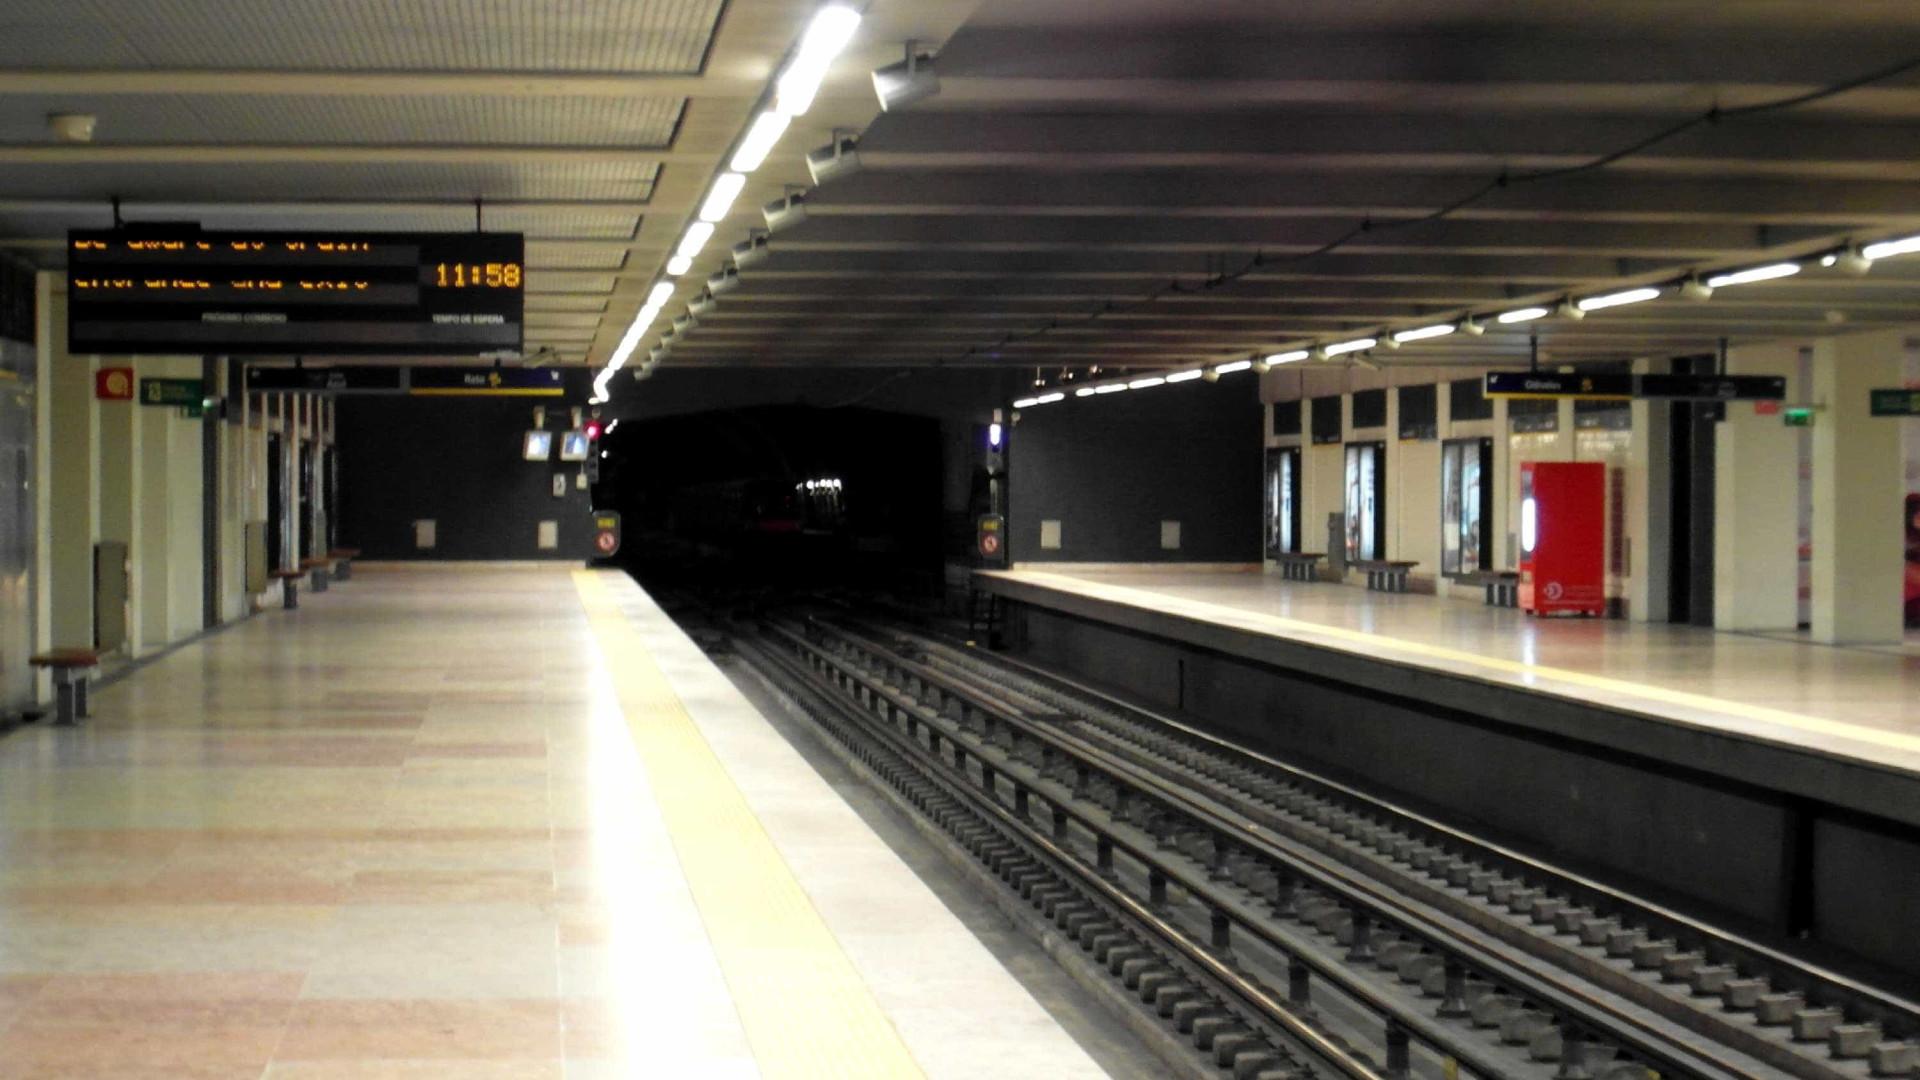 Utentes denunciam degradação do Metro de Lisboa. Exigem mais investimento